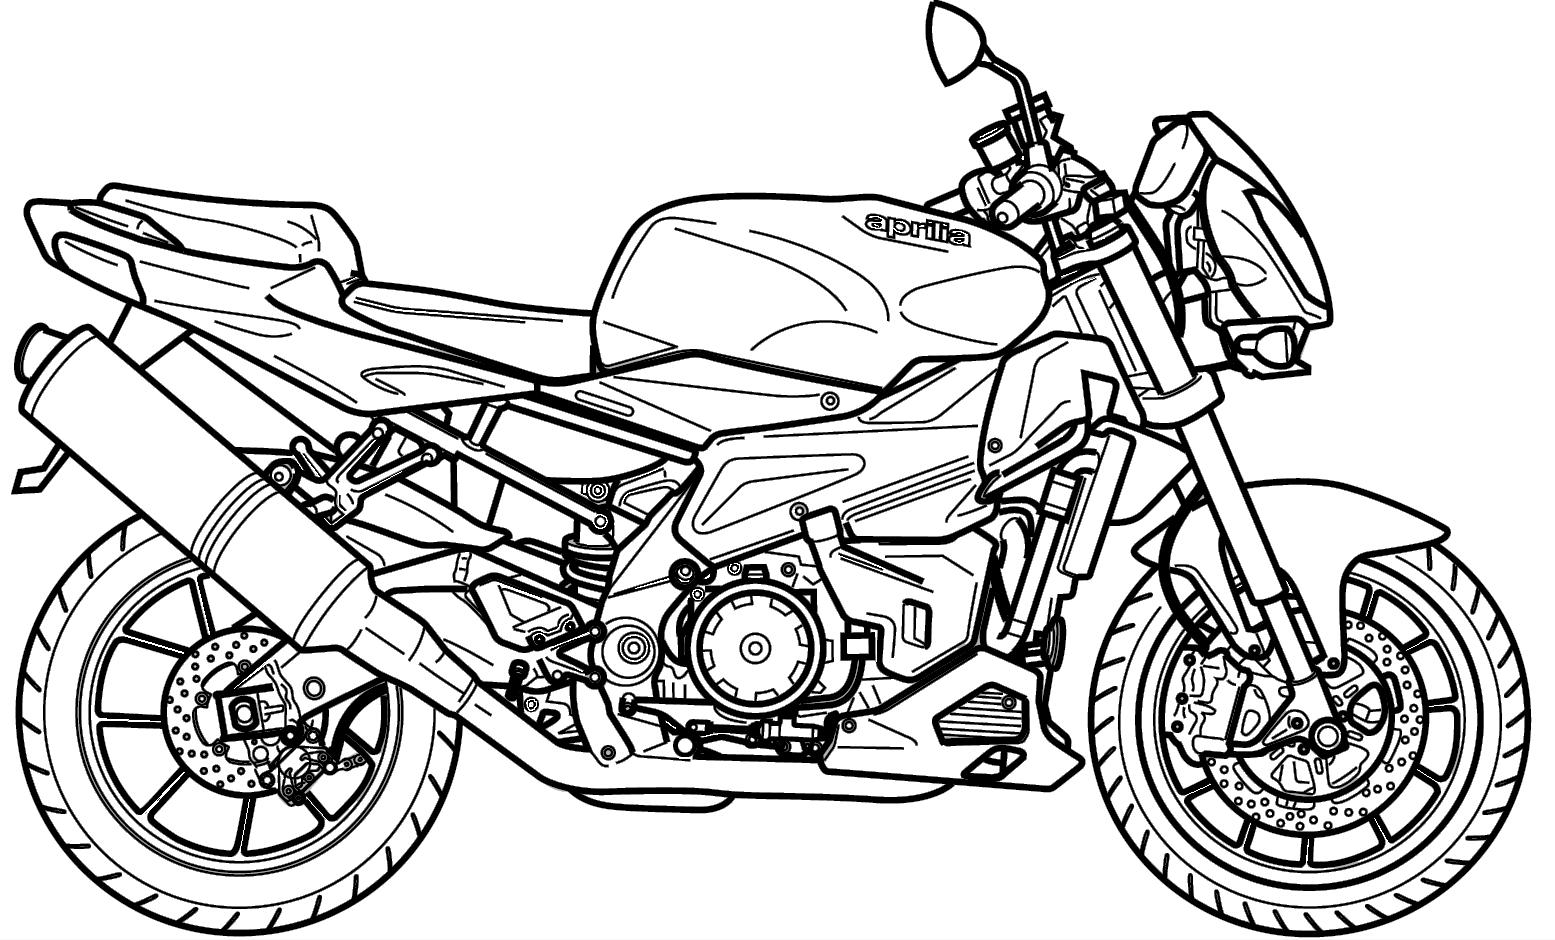 Colorir Moto Potente